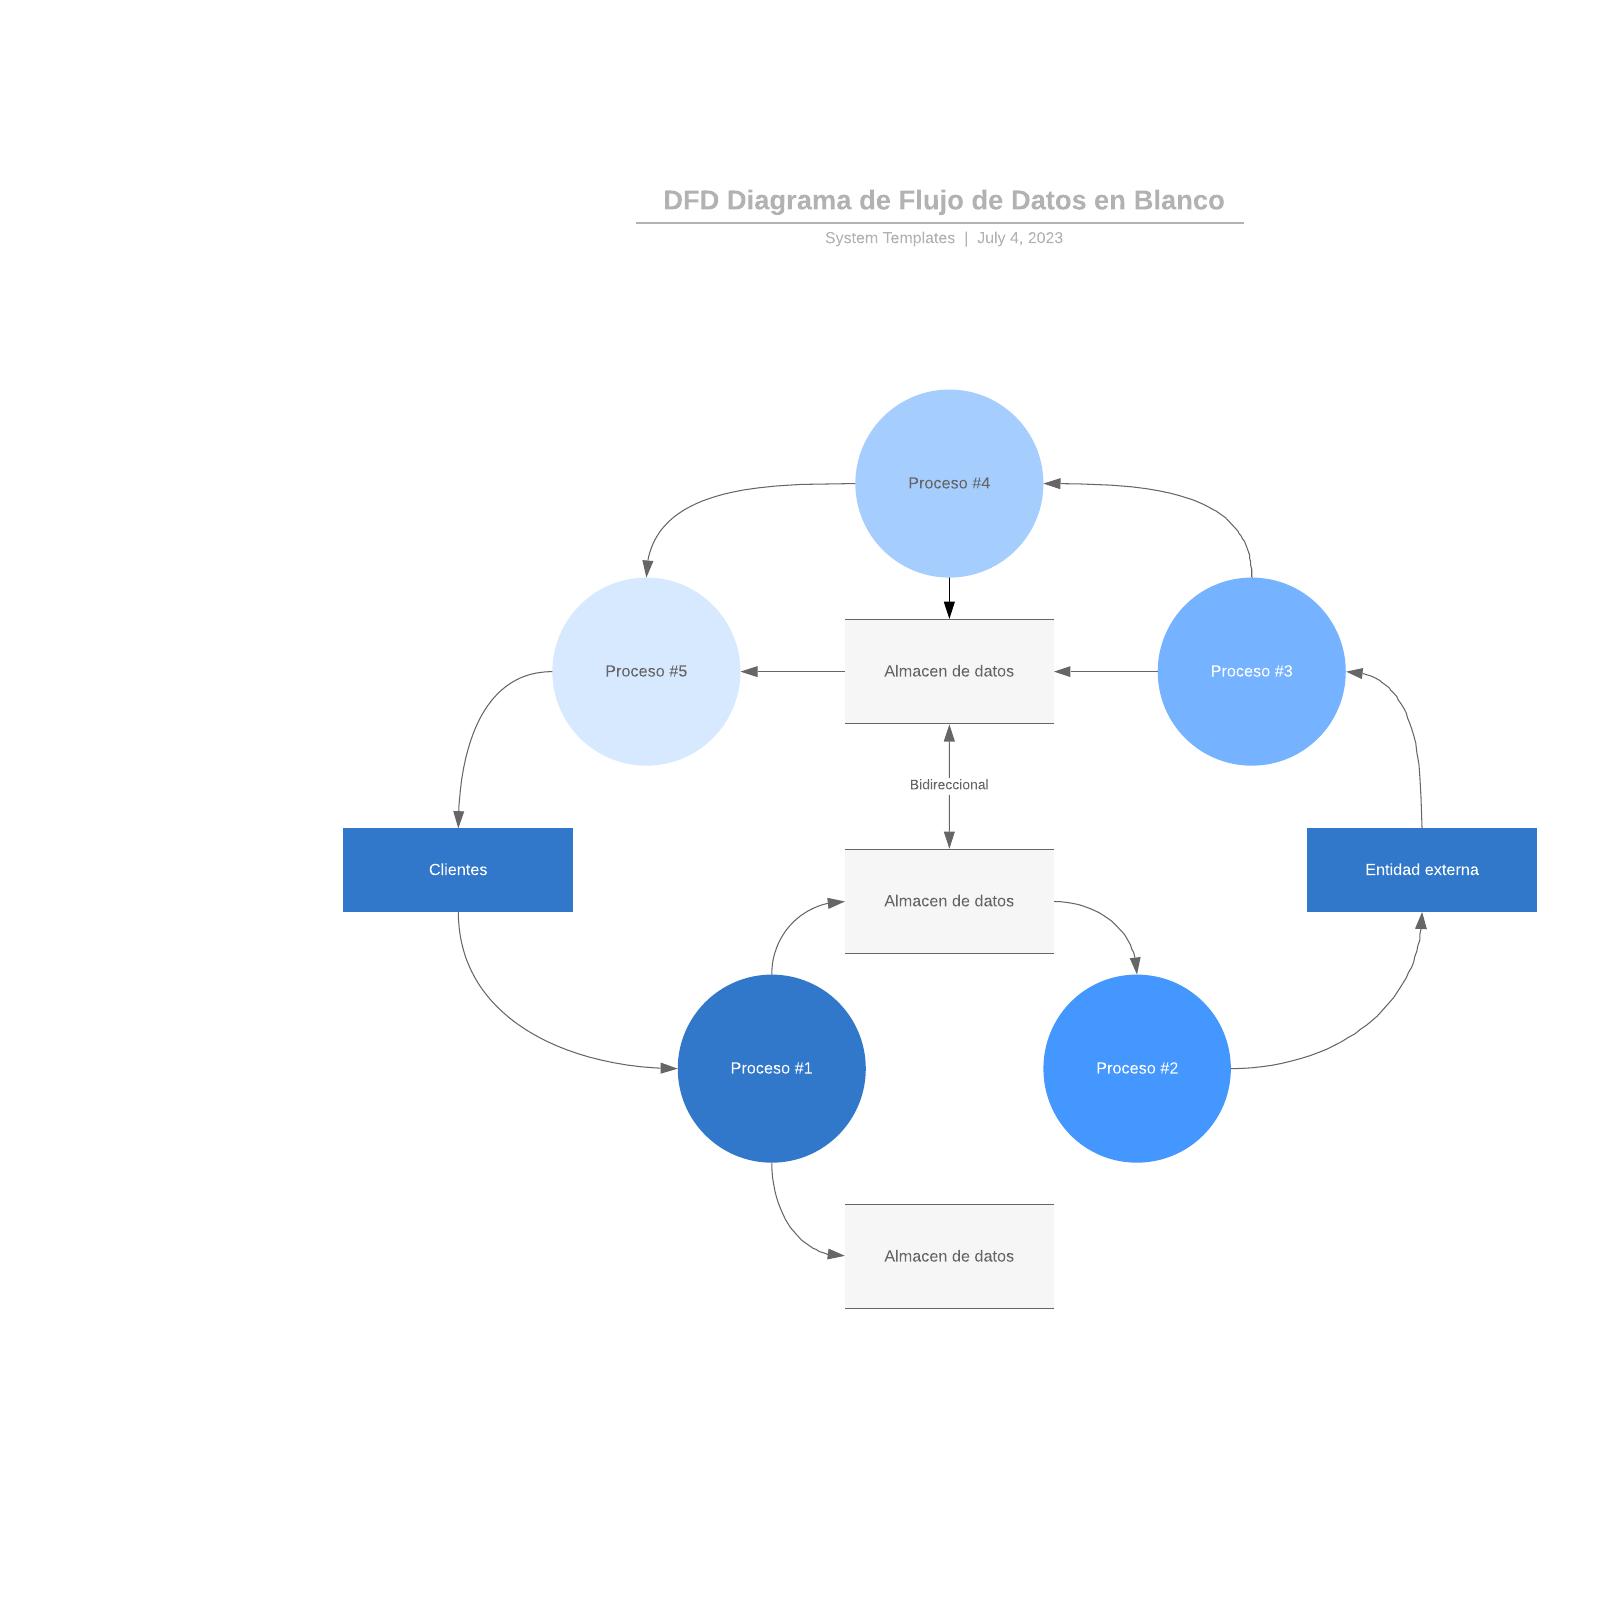 DFD Diagrama de Flujo de Datos en Blanco